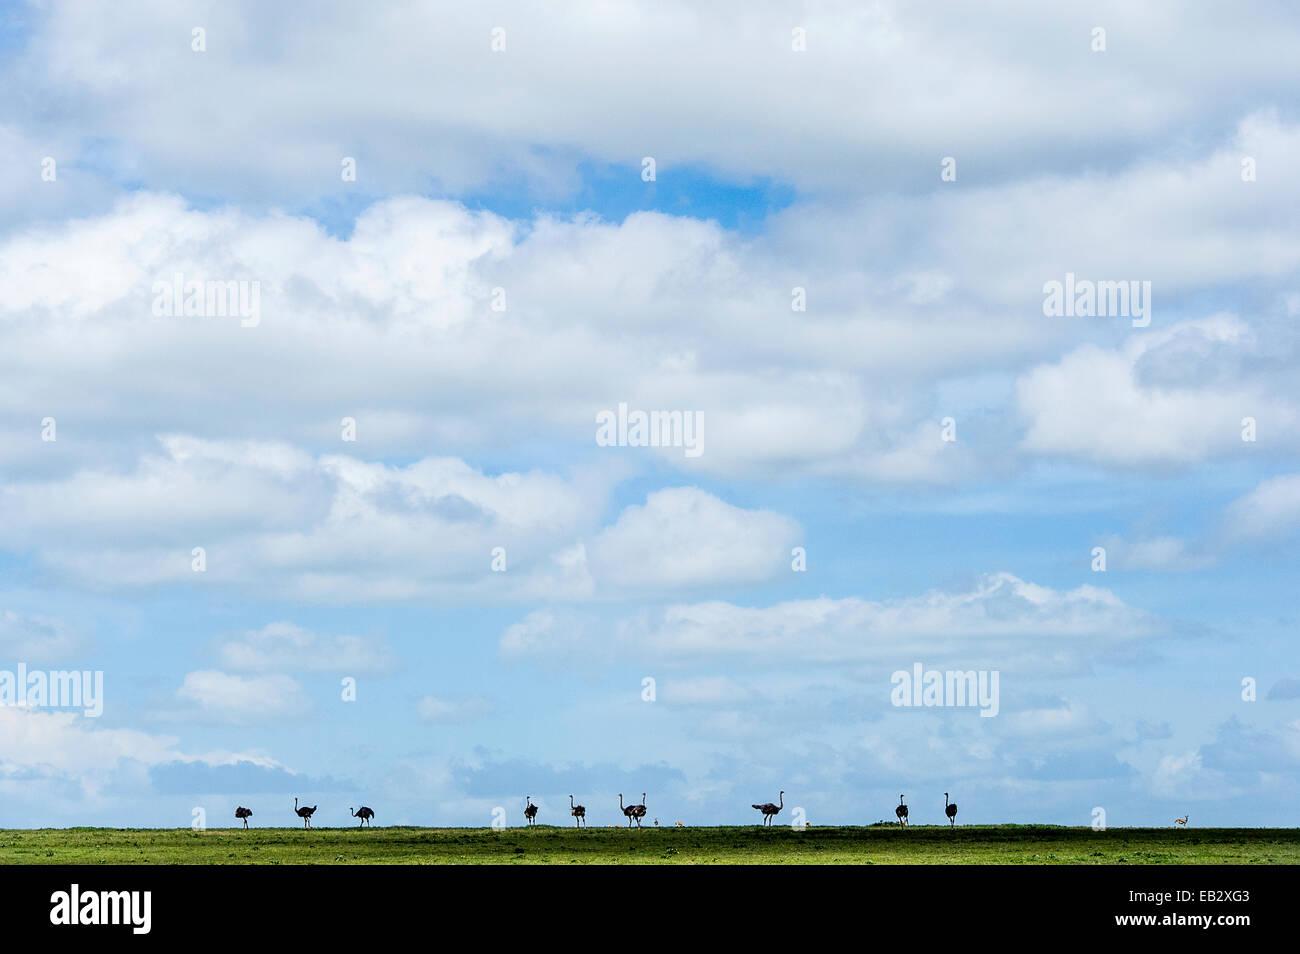 Un troupeau d'Autruches silhouette sur l'horizon de la savane sous ciel rempli de nuages duveteux. Photo Stock